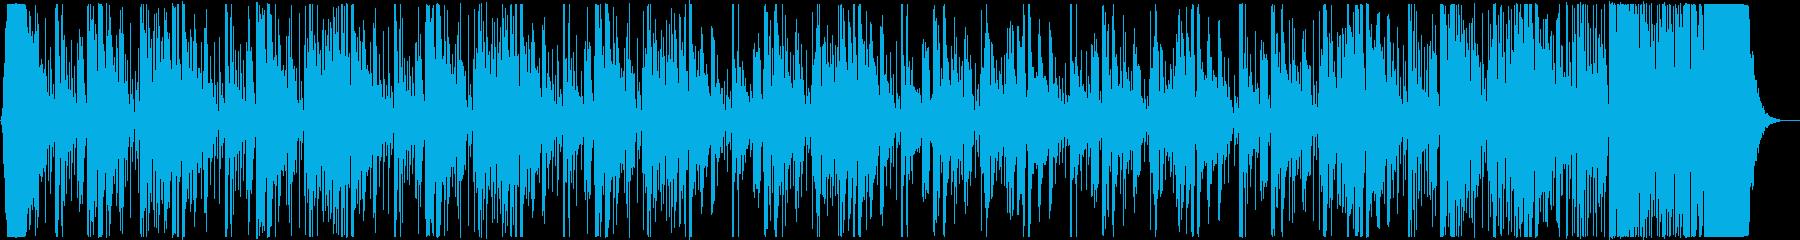 どっしりとした、儀式感と打ち込みの融合曲の再生済みの波形